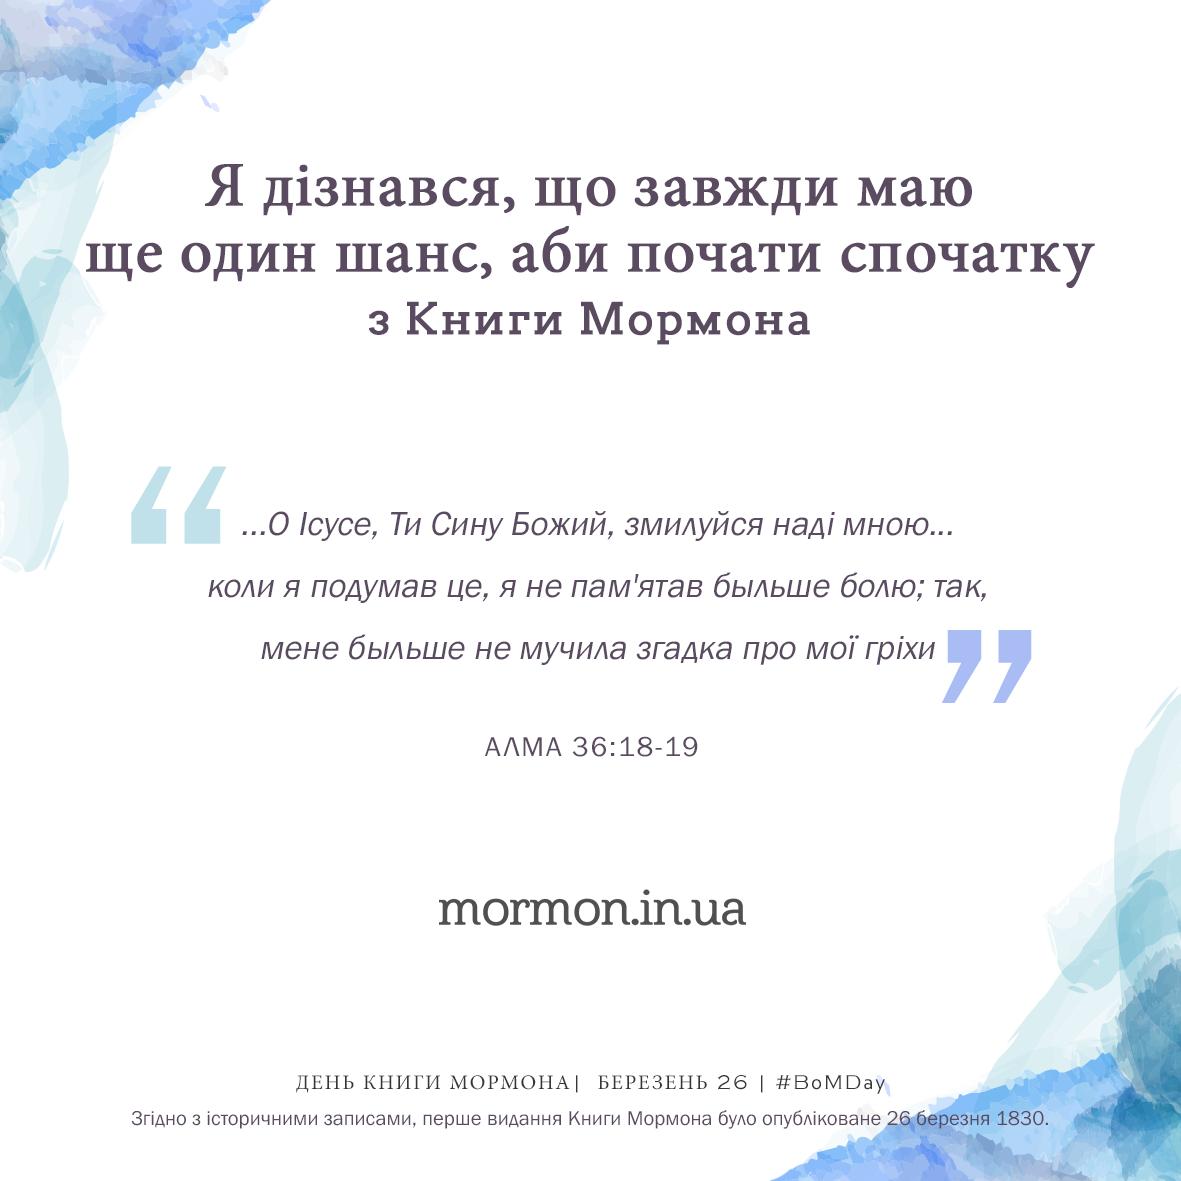 Я дізнався, що завжди маю ще один шанс, аби почати спочатку з Книги Мормона